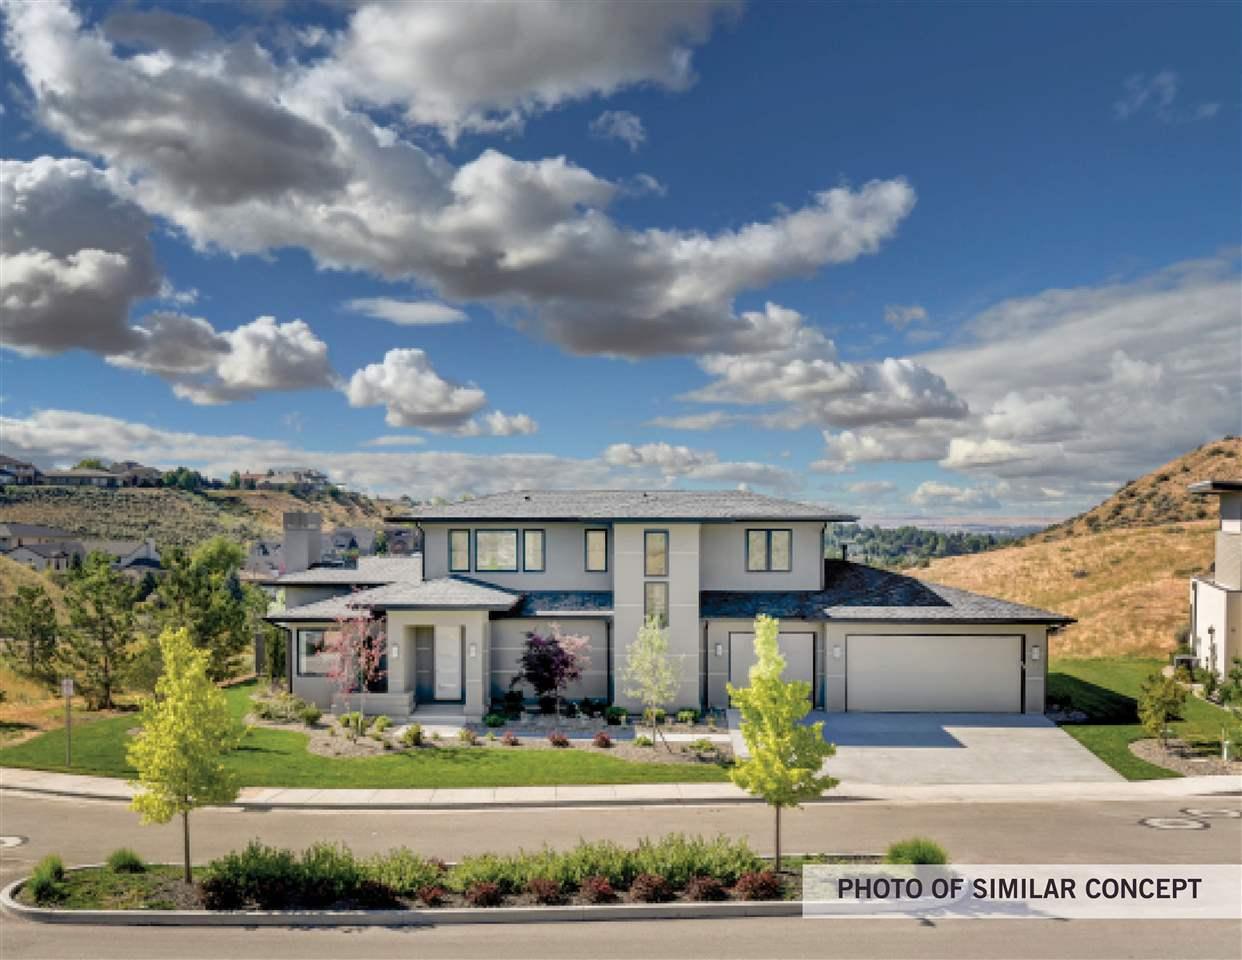 2724 S Shadywood Way, Boise, ID 83716